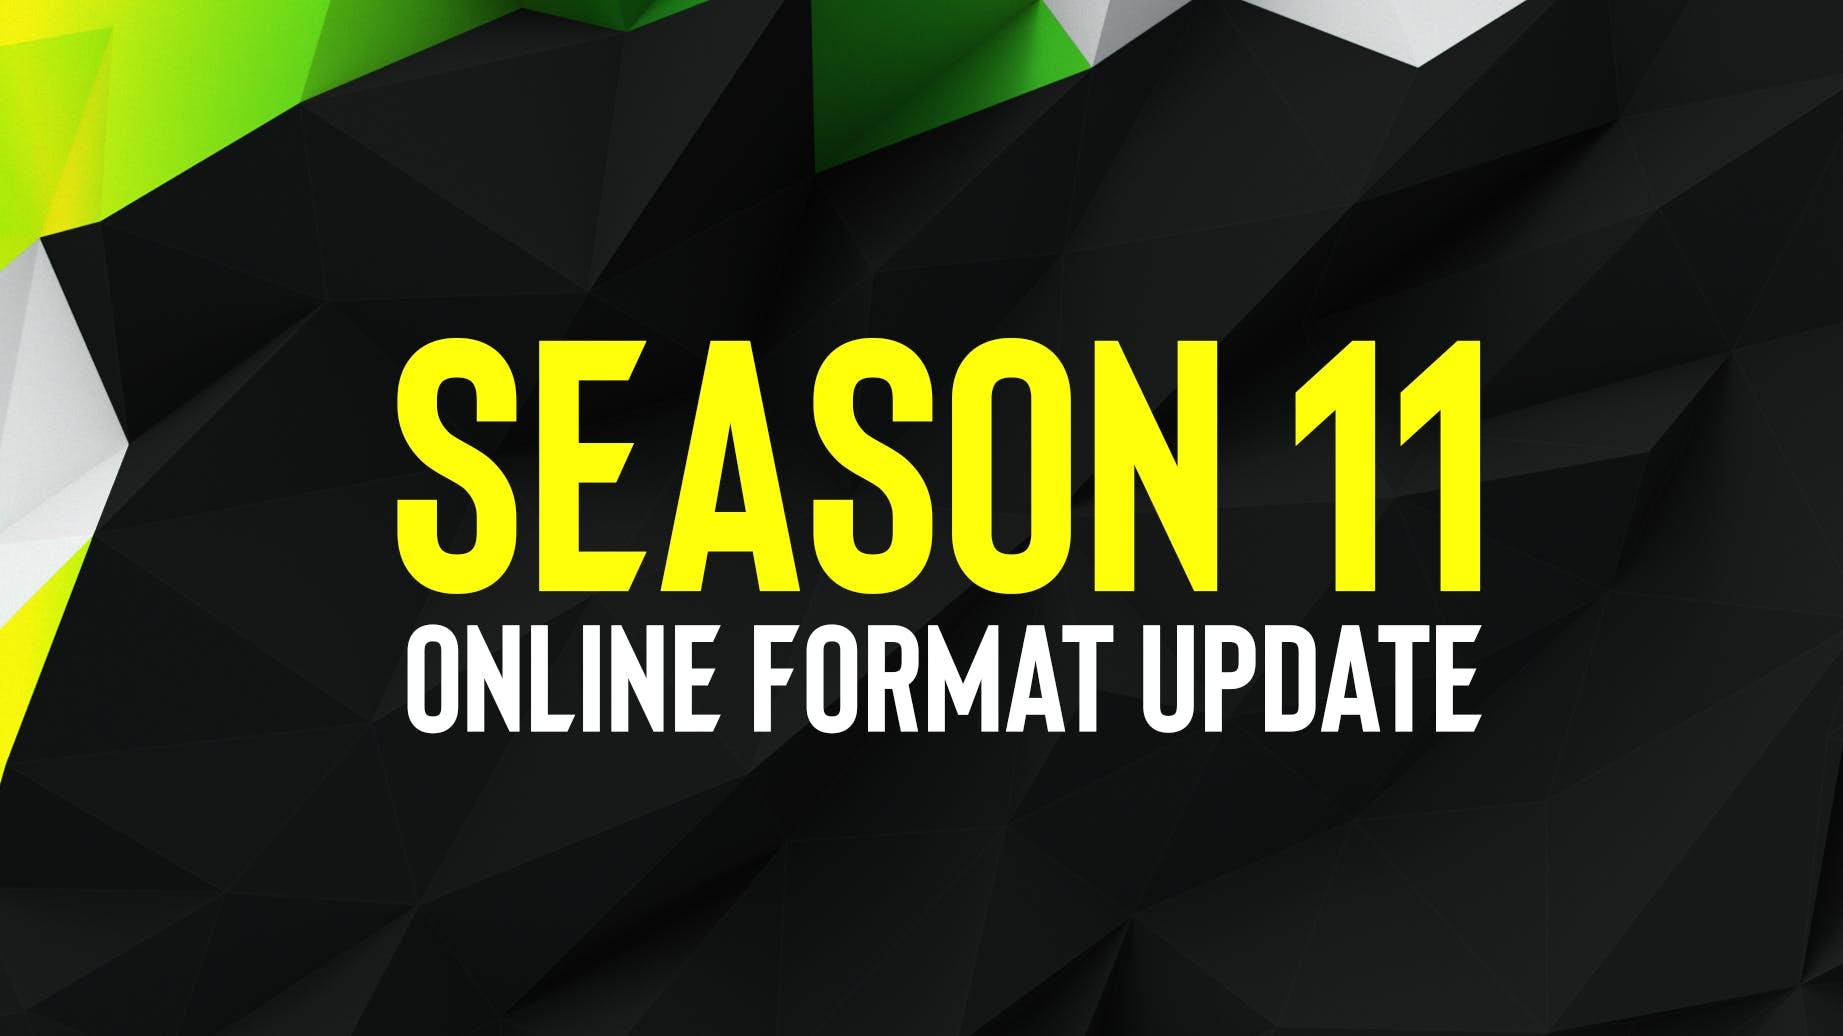 Season 11 Online Format Update